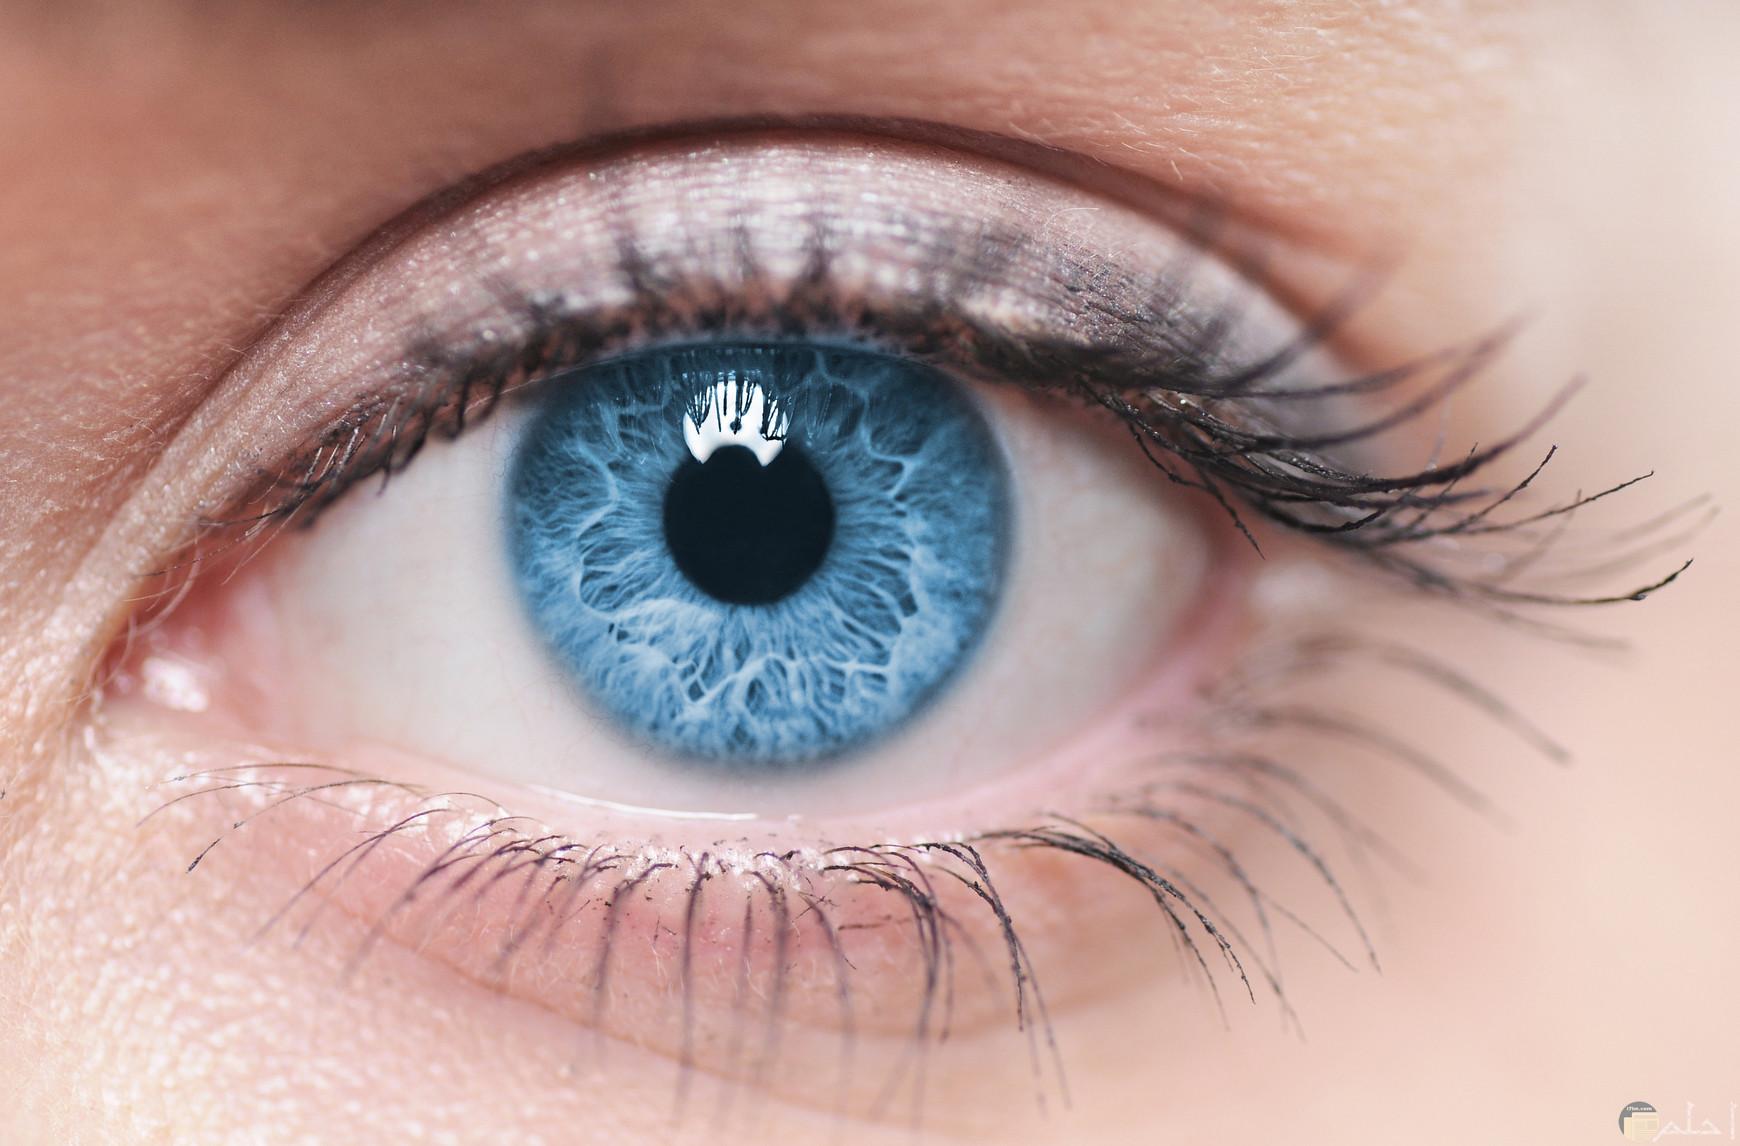 العيون الزرقاء الساحرة.